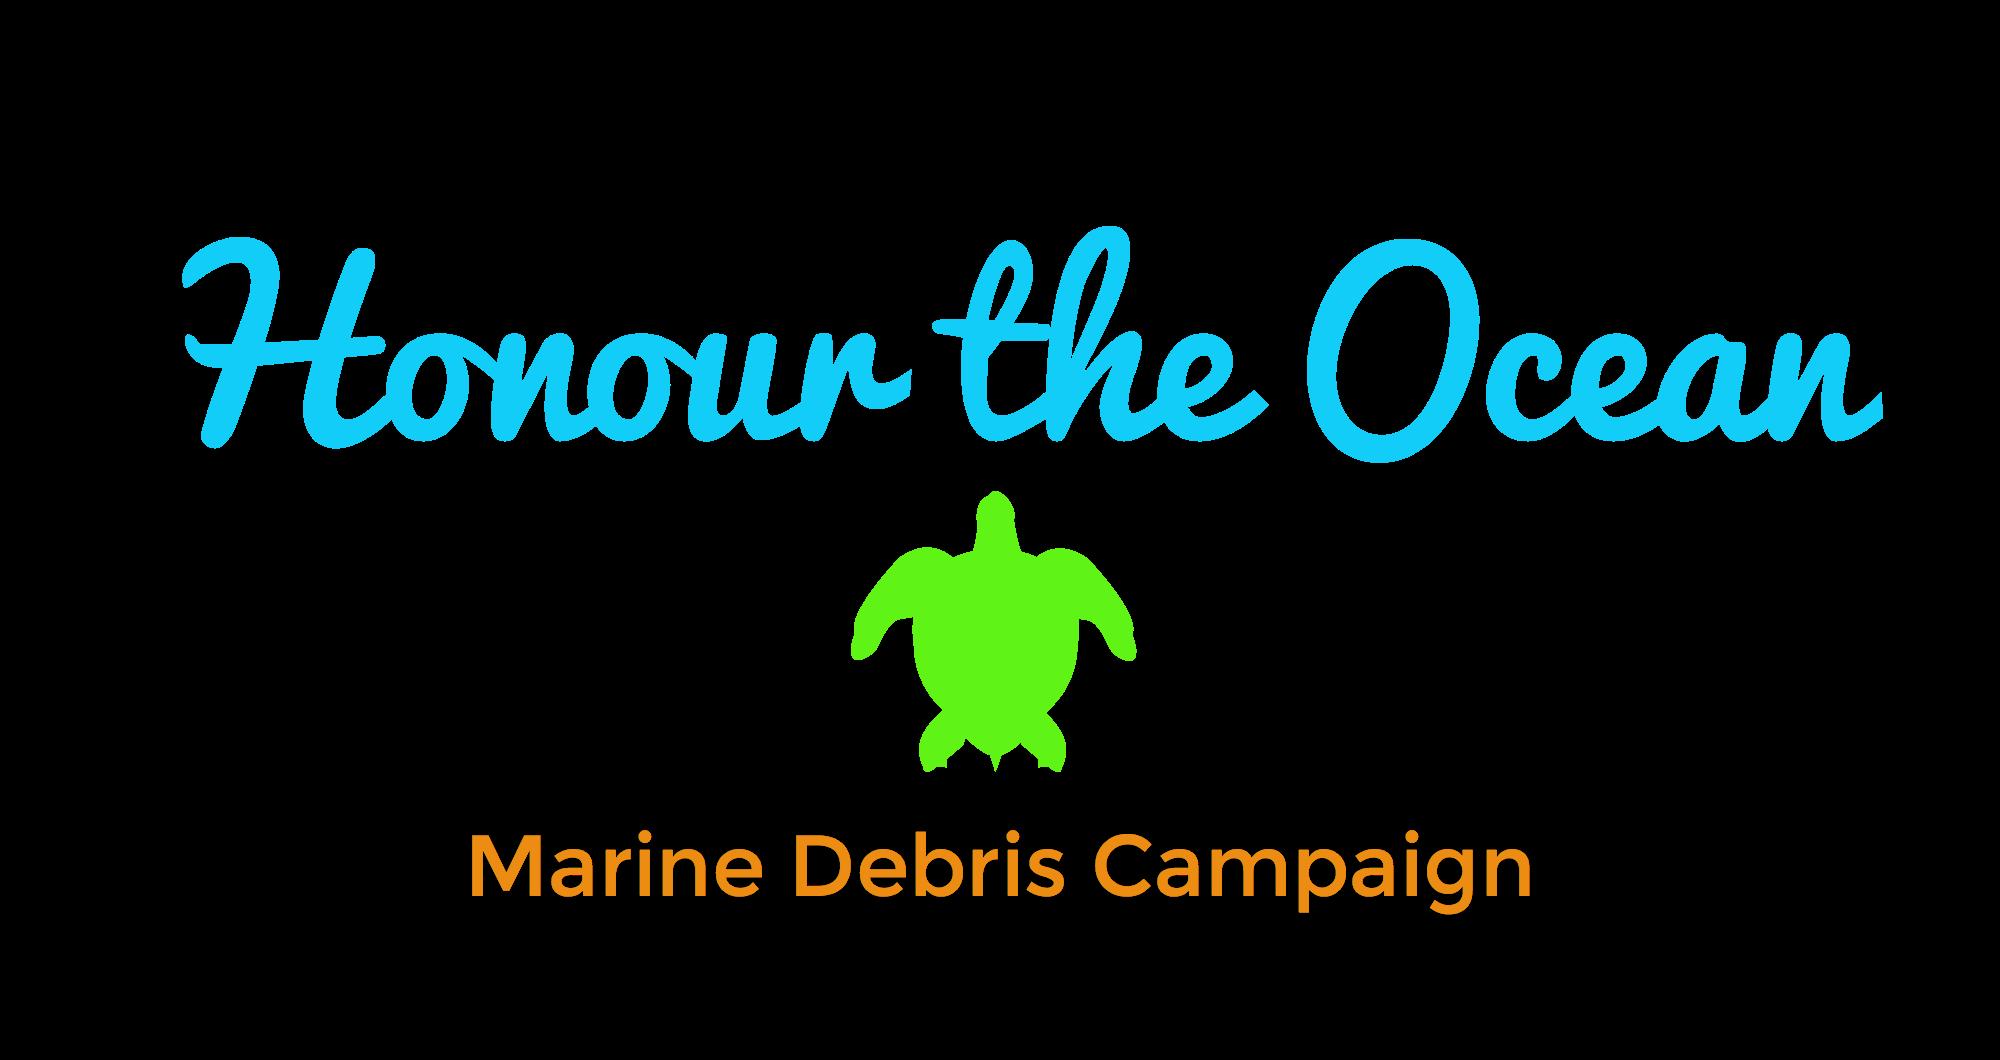 Marine Debris Awareness